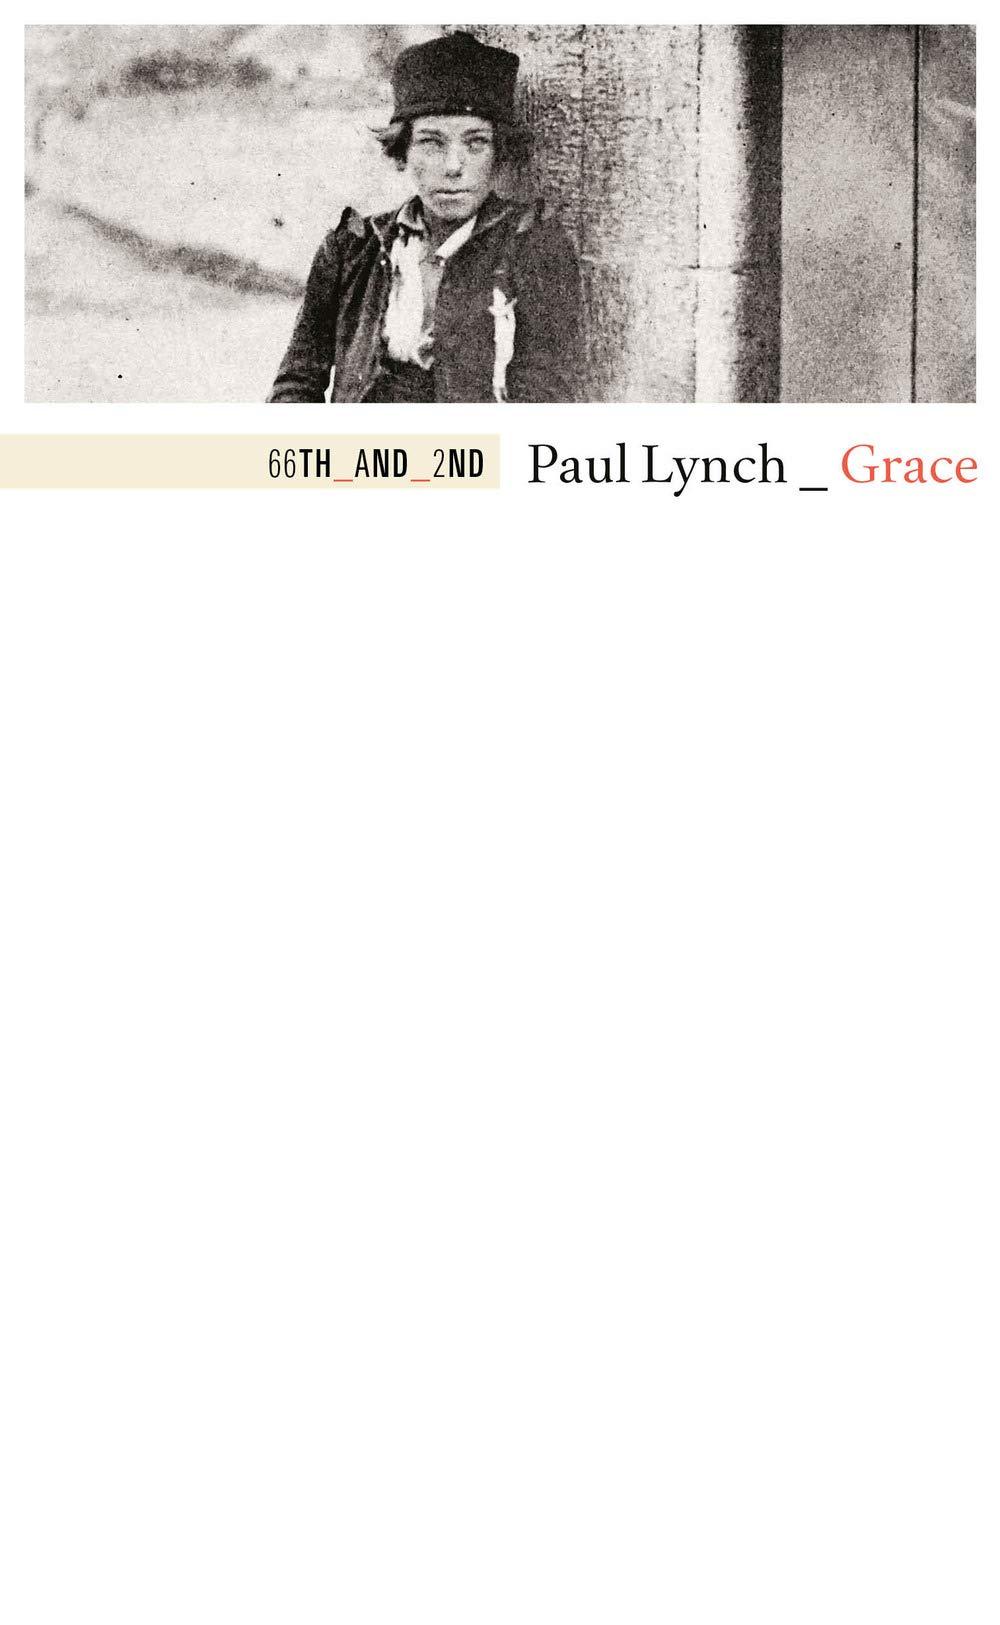 Paul Lynch - Grace